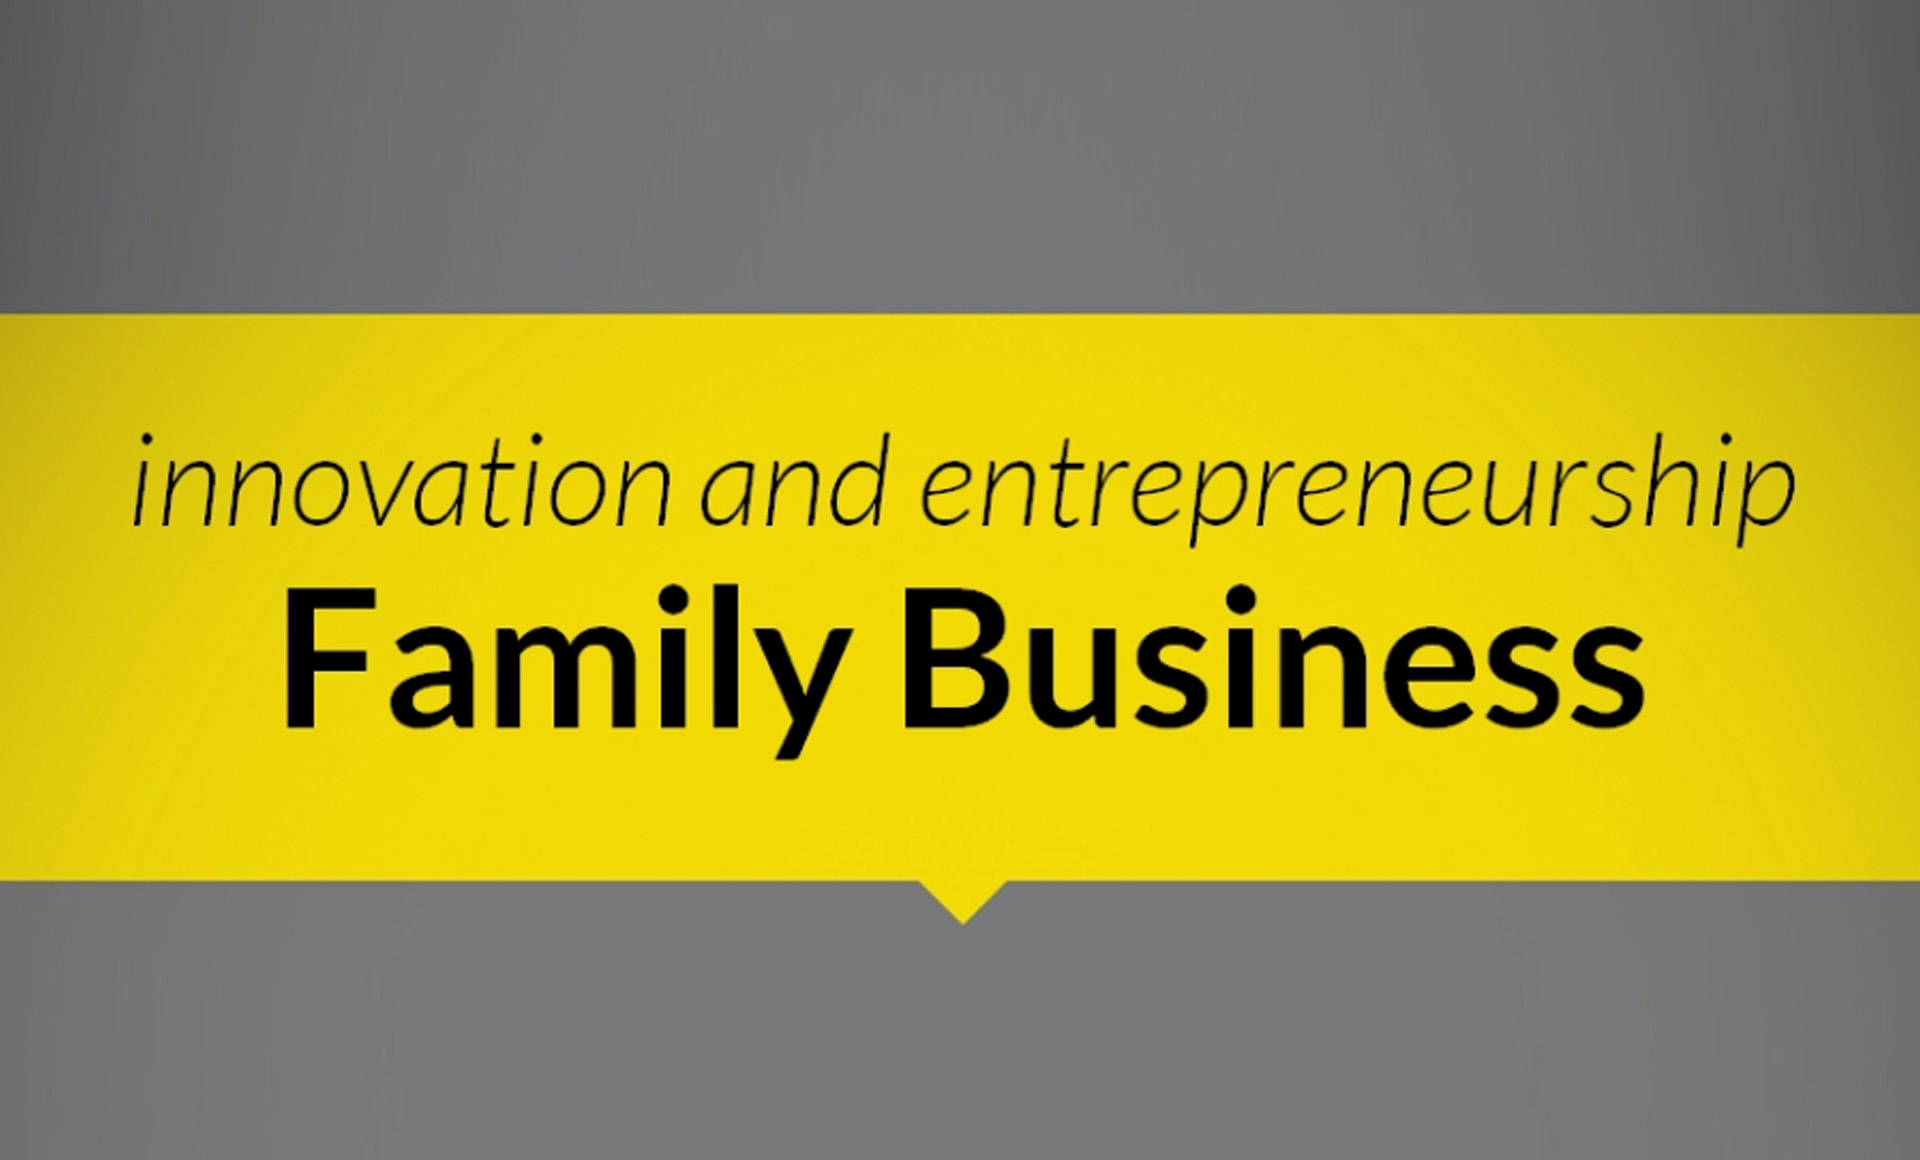 INNOVATION AND ENTREPRENEURSHIP IN FAMILY BUSINESS